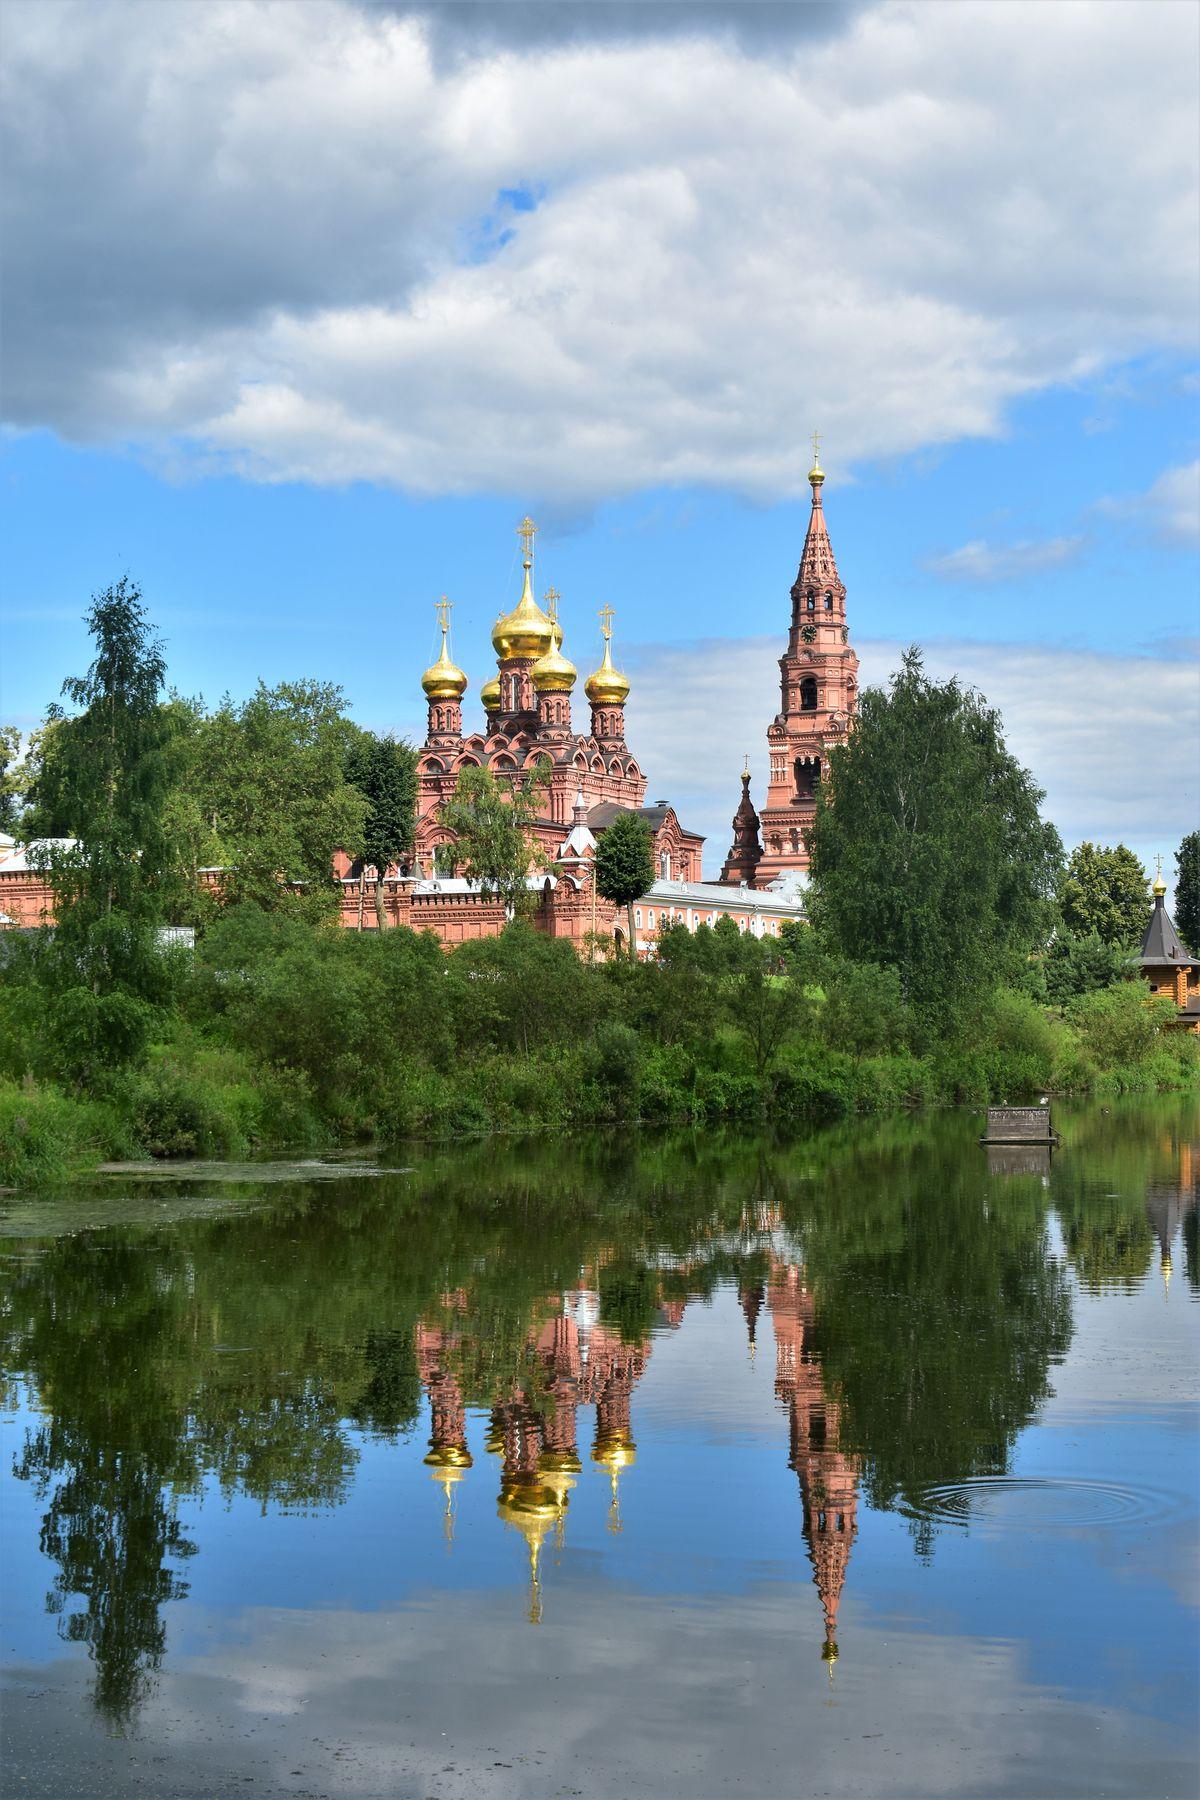 Скитский пруд Сергиев Посад Черниговский скит монастырь храм пруд